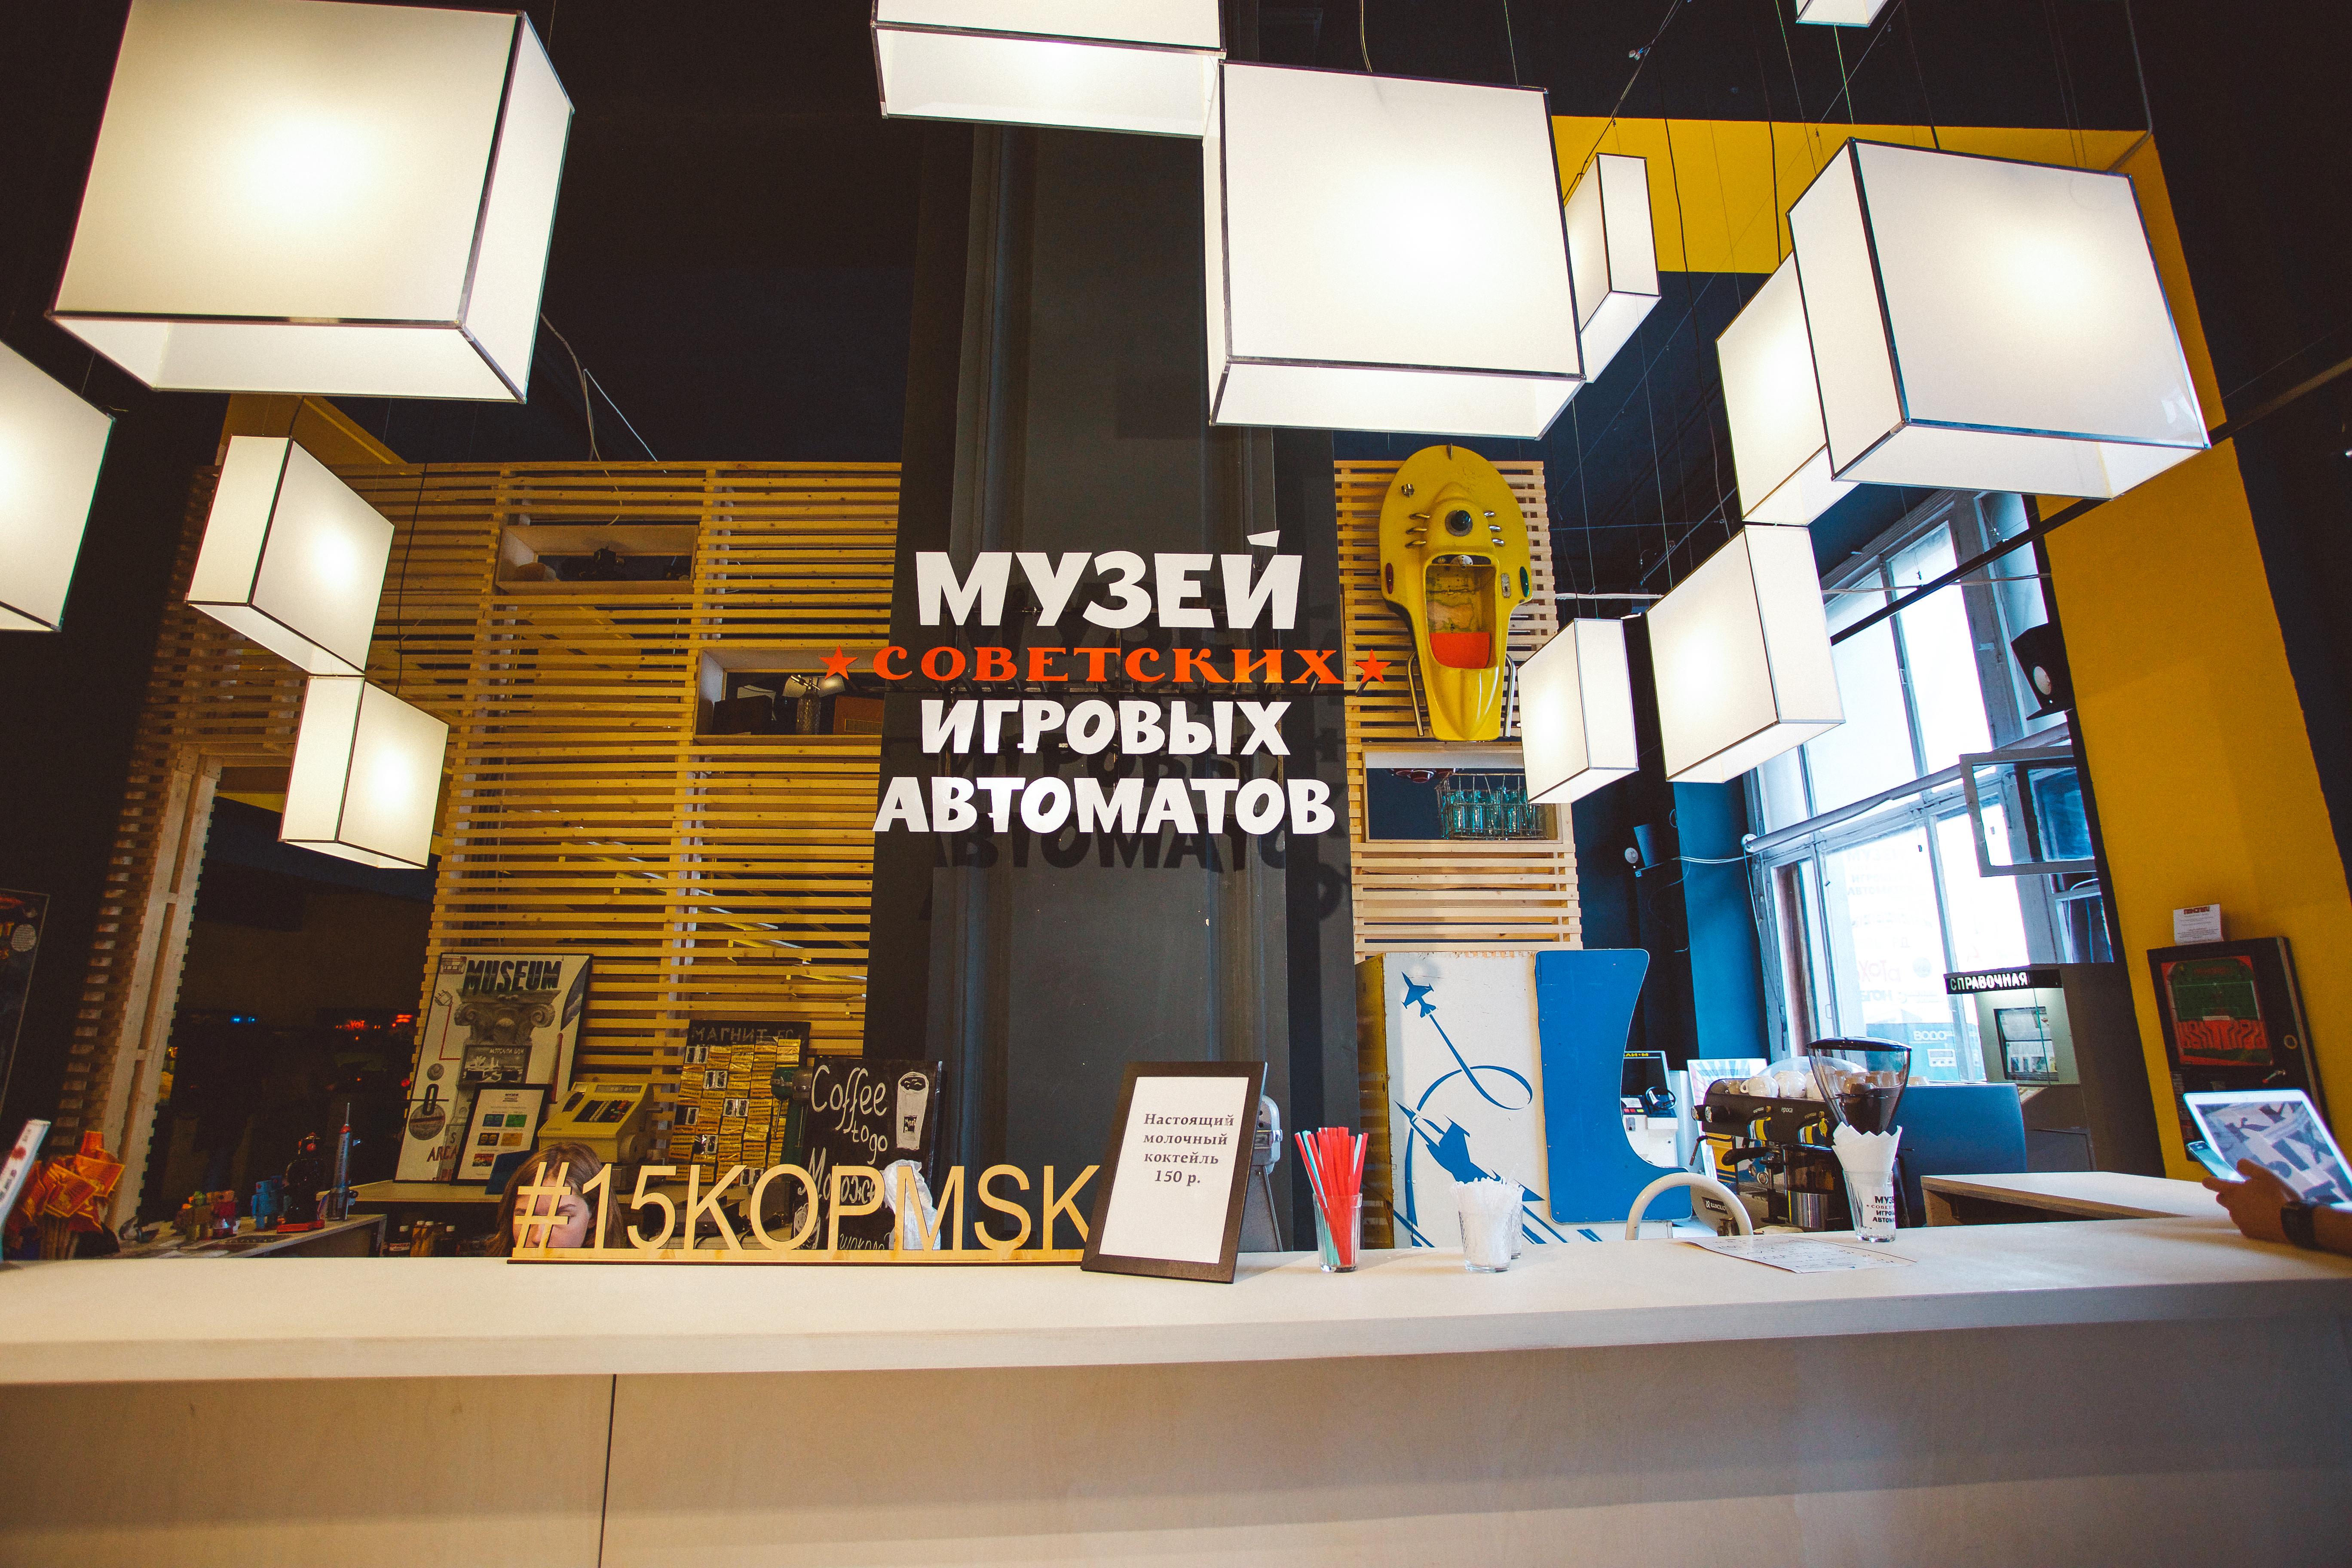 Музей советские игровые автоматы москва играть в карты с девушкой